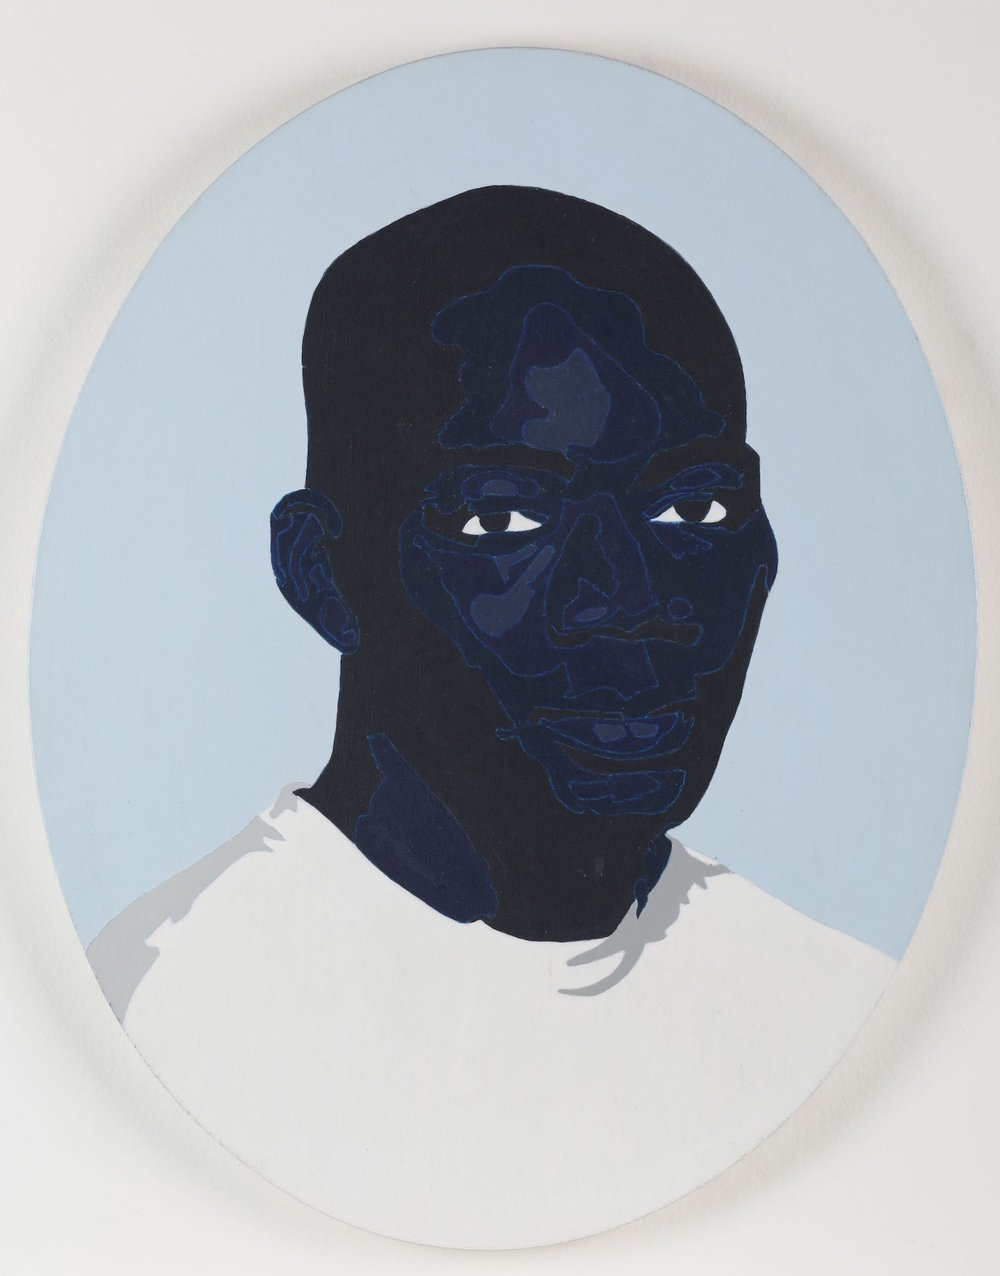 La importancia de sonreír en fotos   Acrílico sobre lienzo     50 x 40 cm.2008